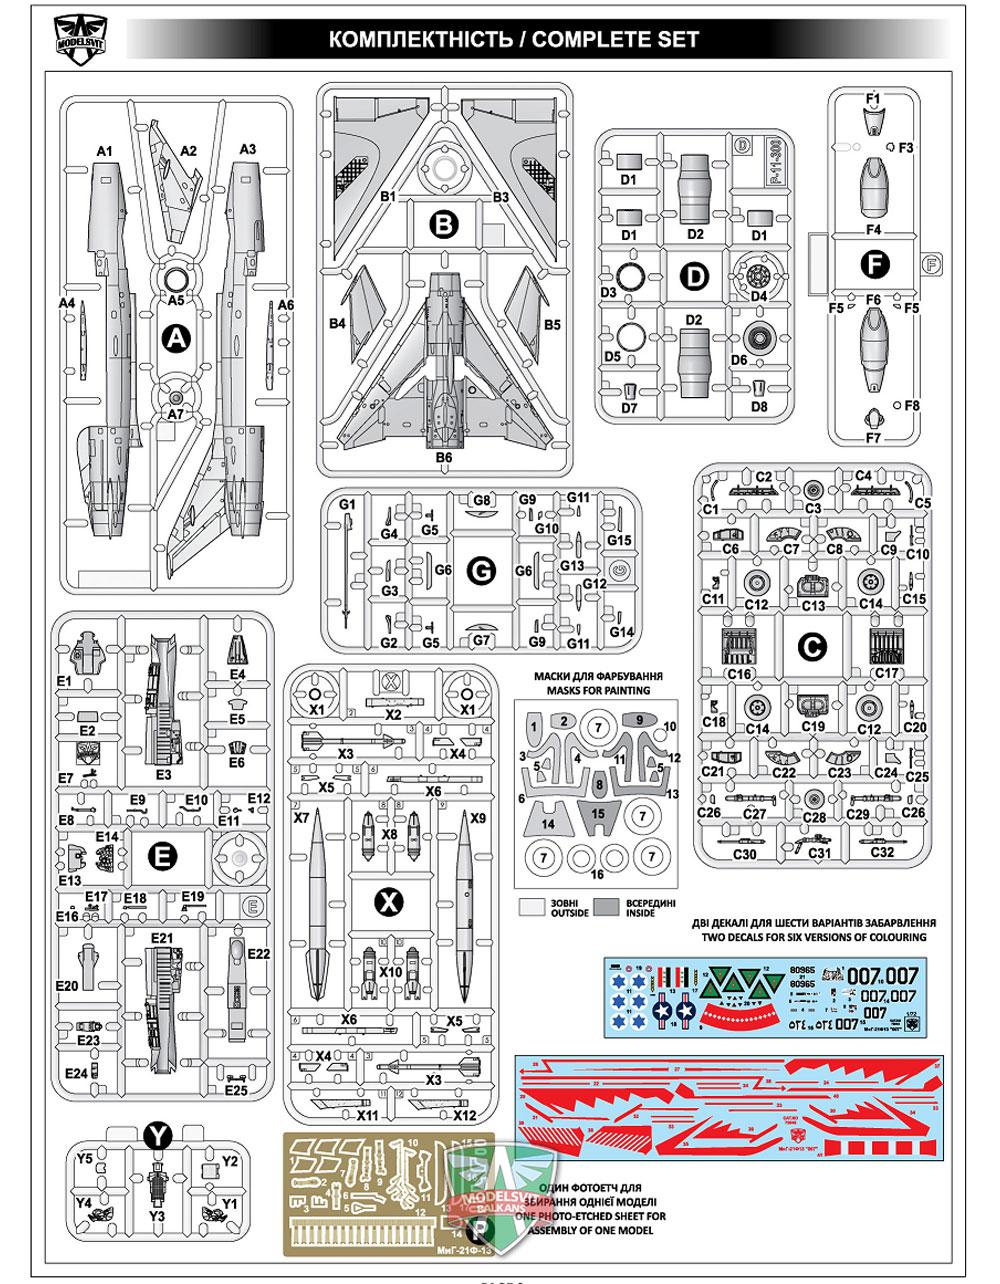 MiG-21F-13 007 超音速ジェット戦闘機プラモデル(モデルズビット1/72 エアクラフト プラモデルNo.72043)商品画像_1